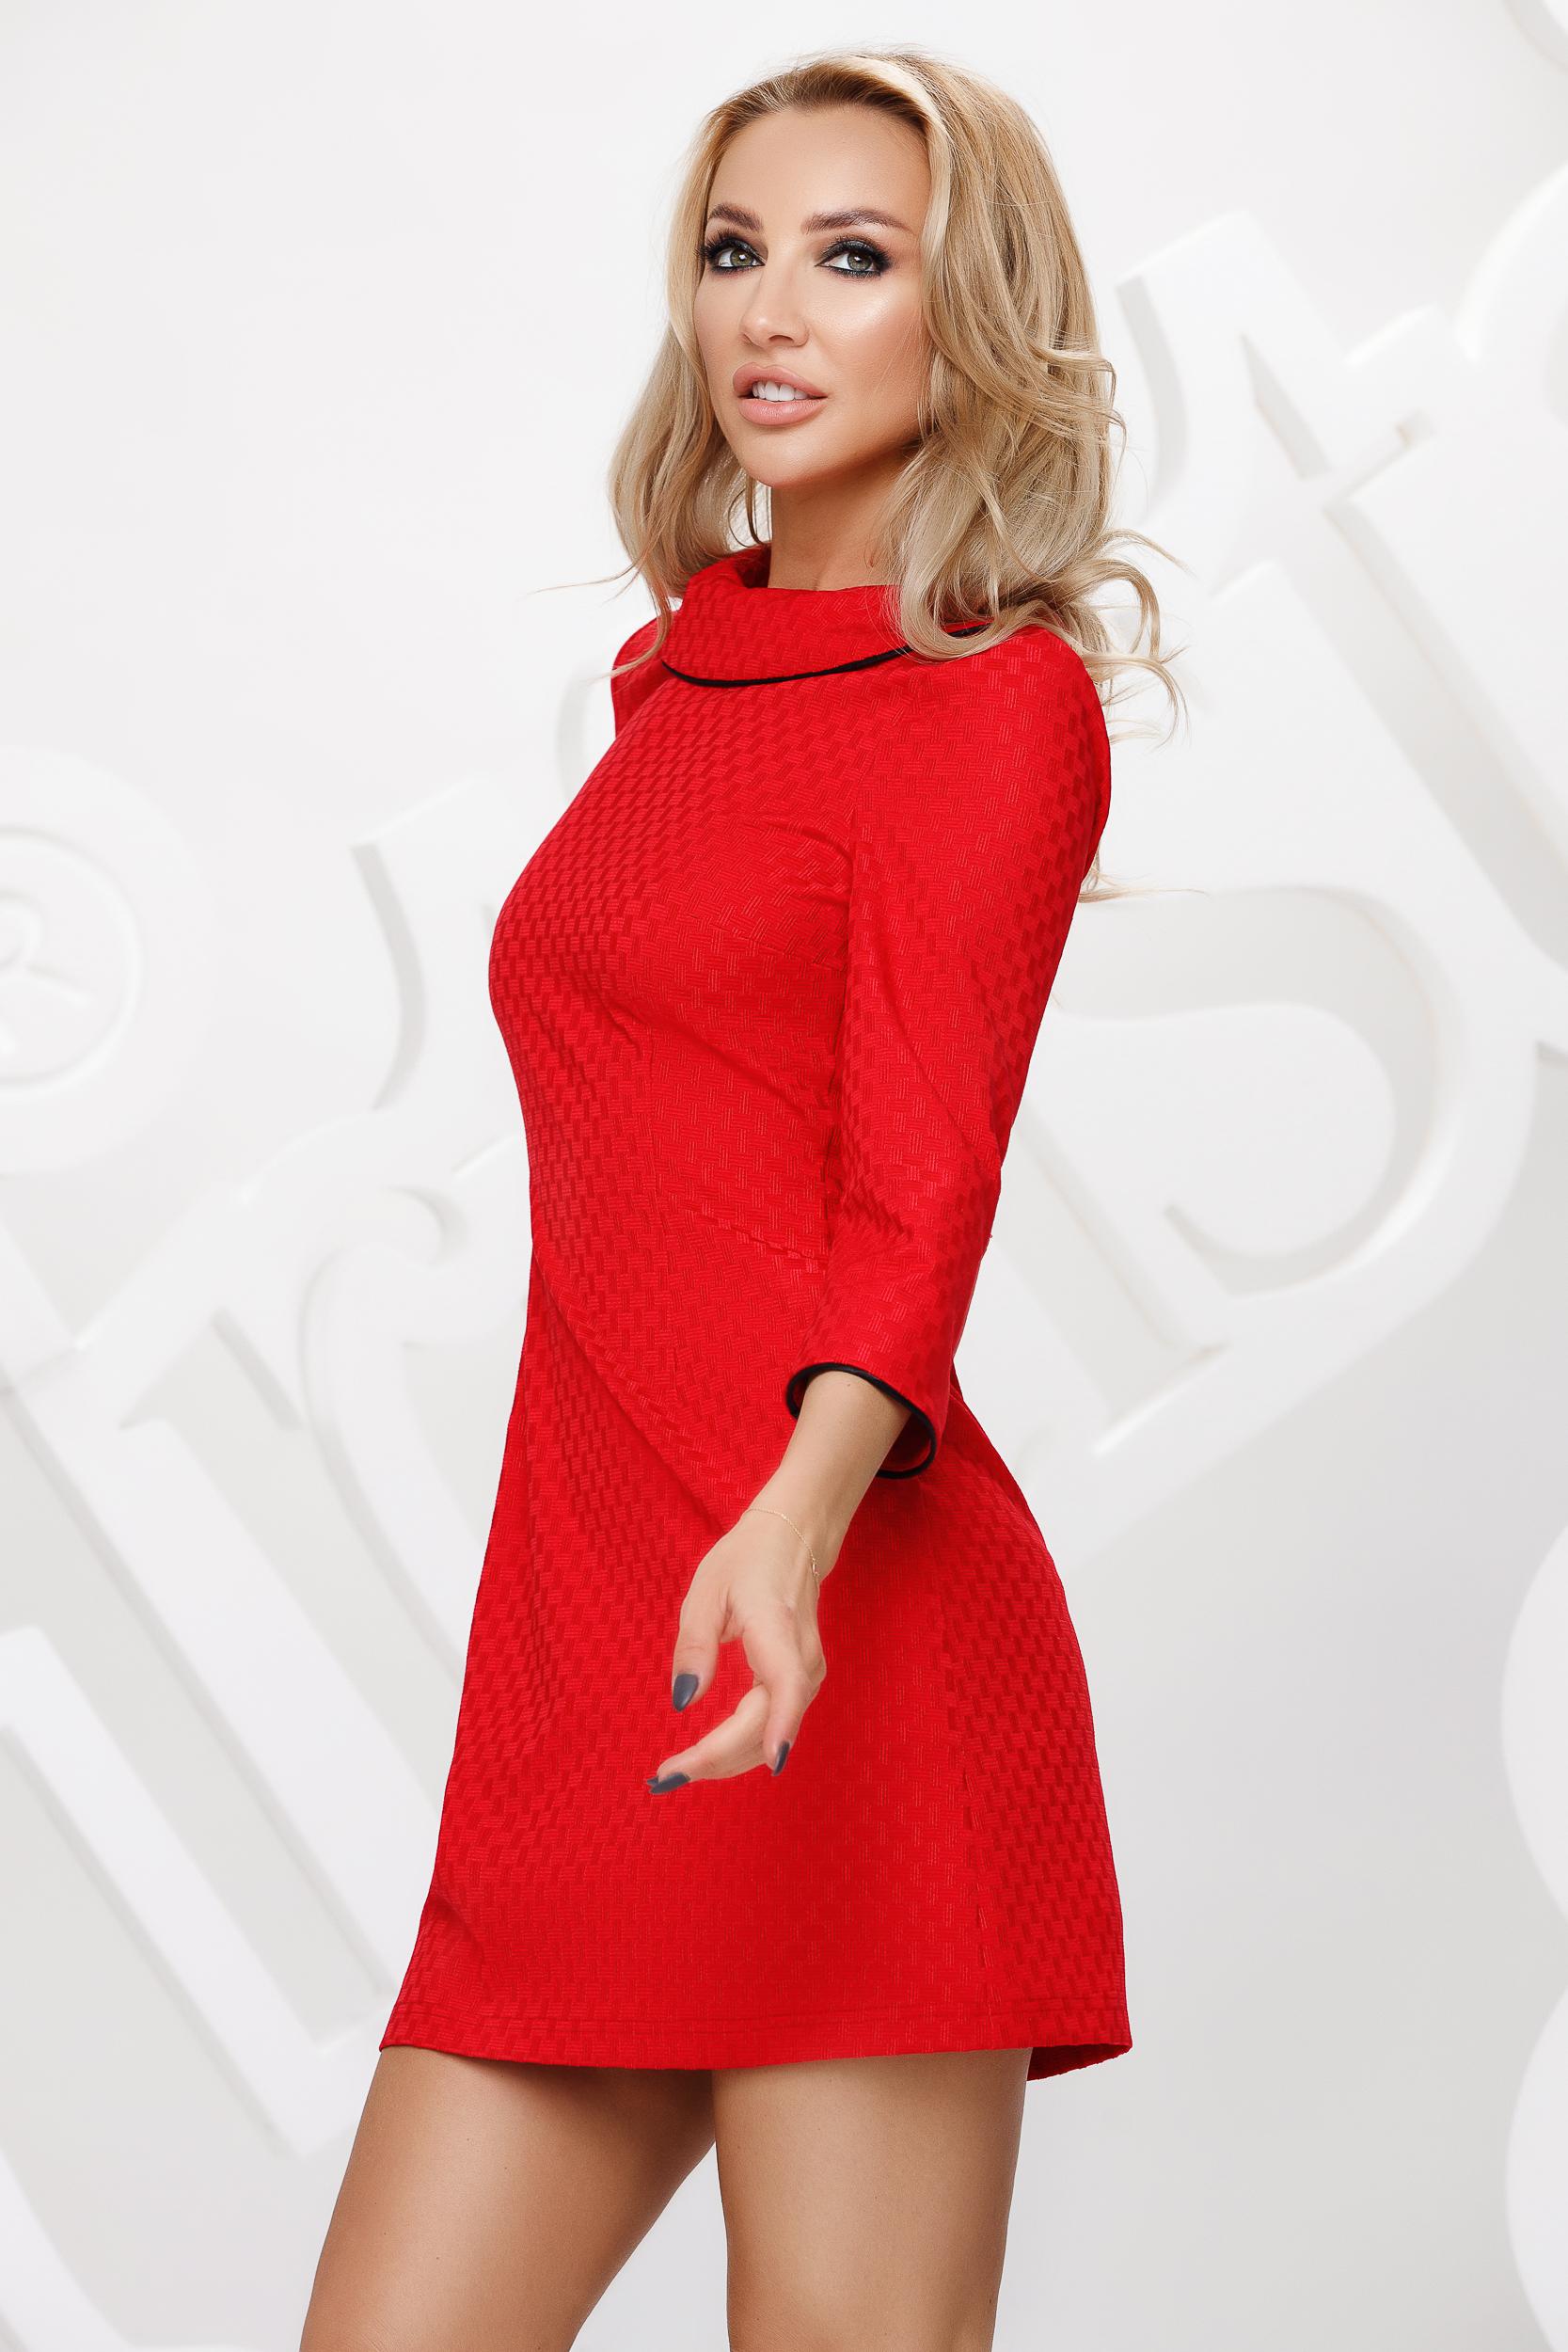 Rochie Artista rosie din material usor elastic cu un croi drept guler dublat cu buzunare